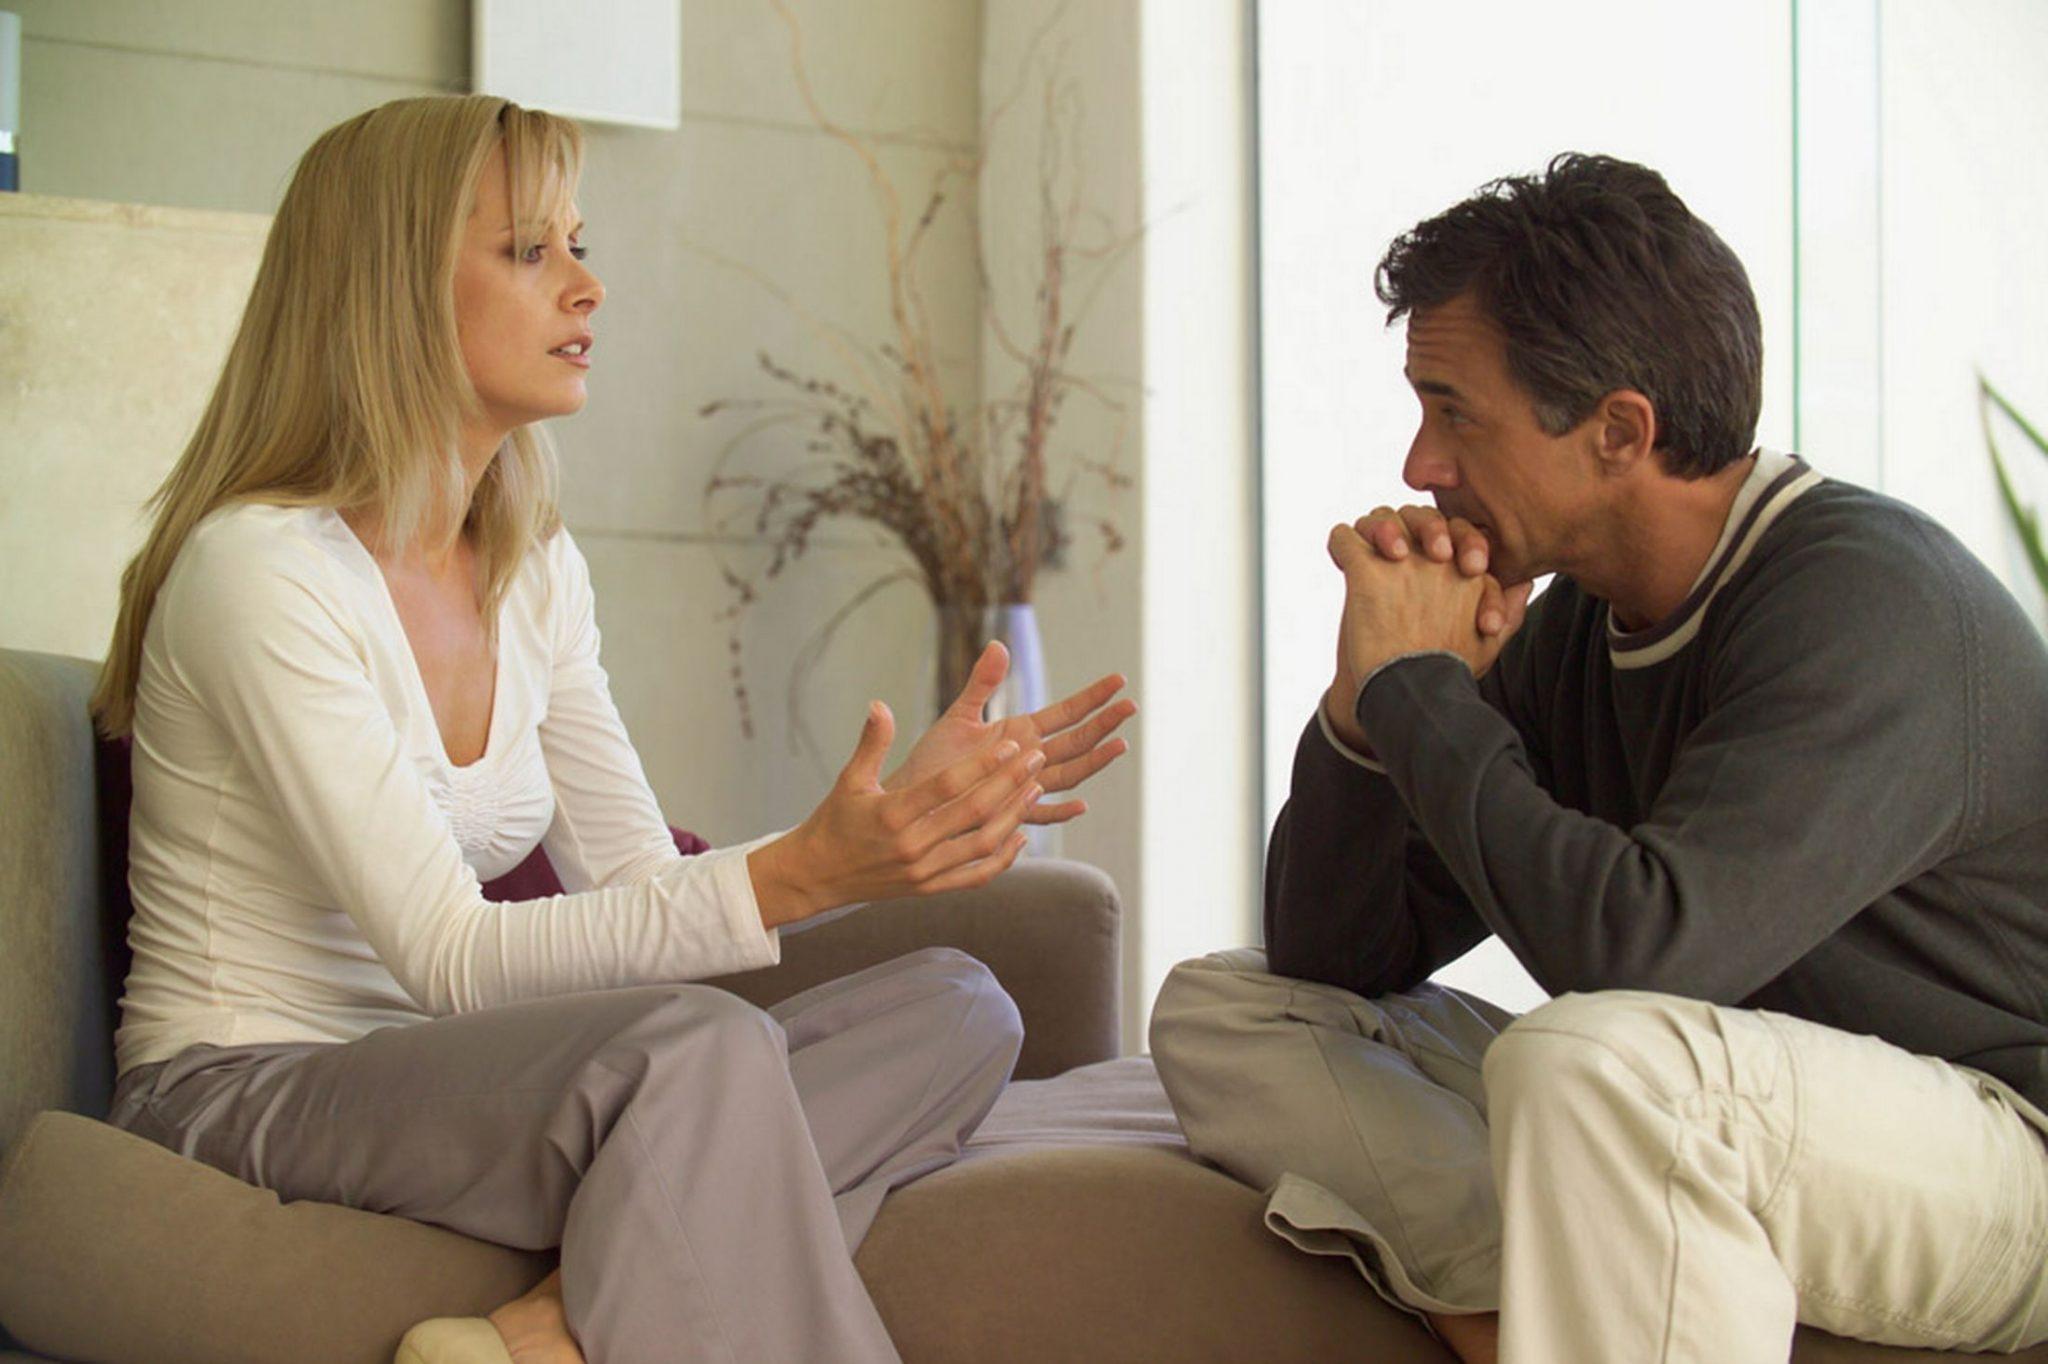 hogyan lehet beszélgetni a szüleiddel? Ingyenes meleg hiv pozitív randevúk